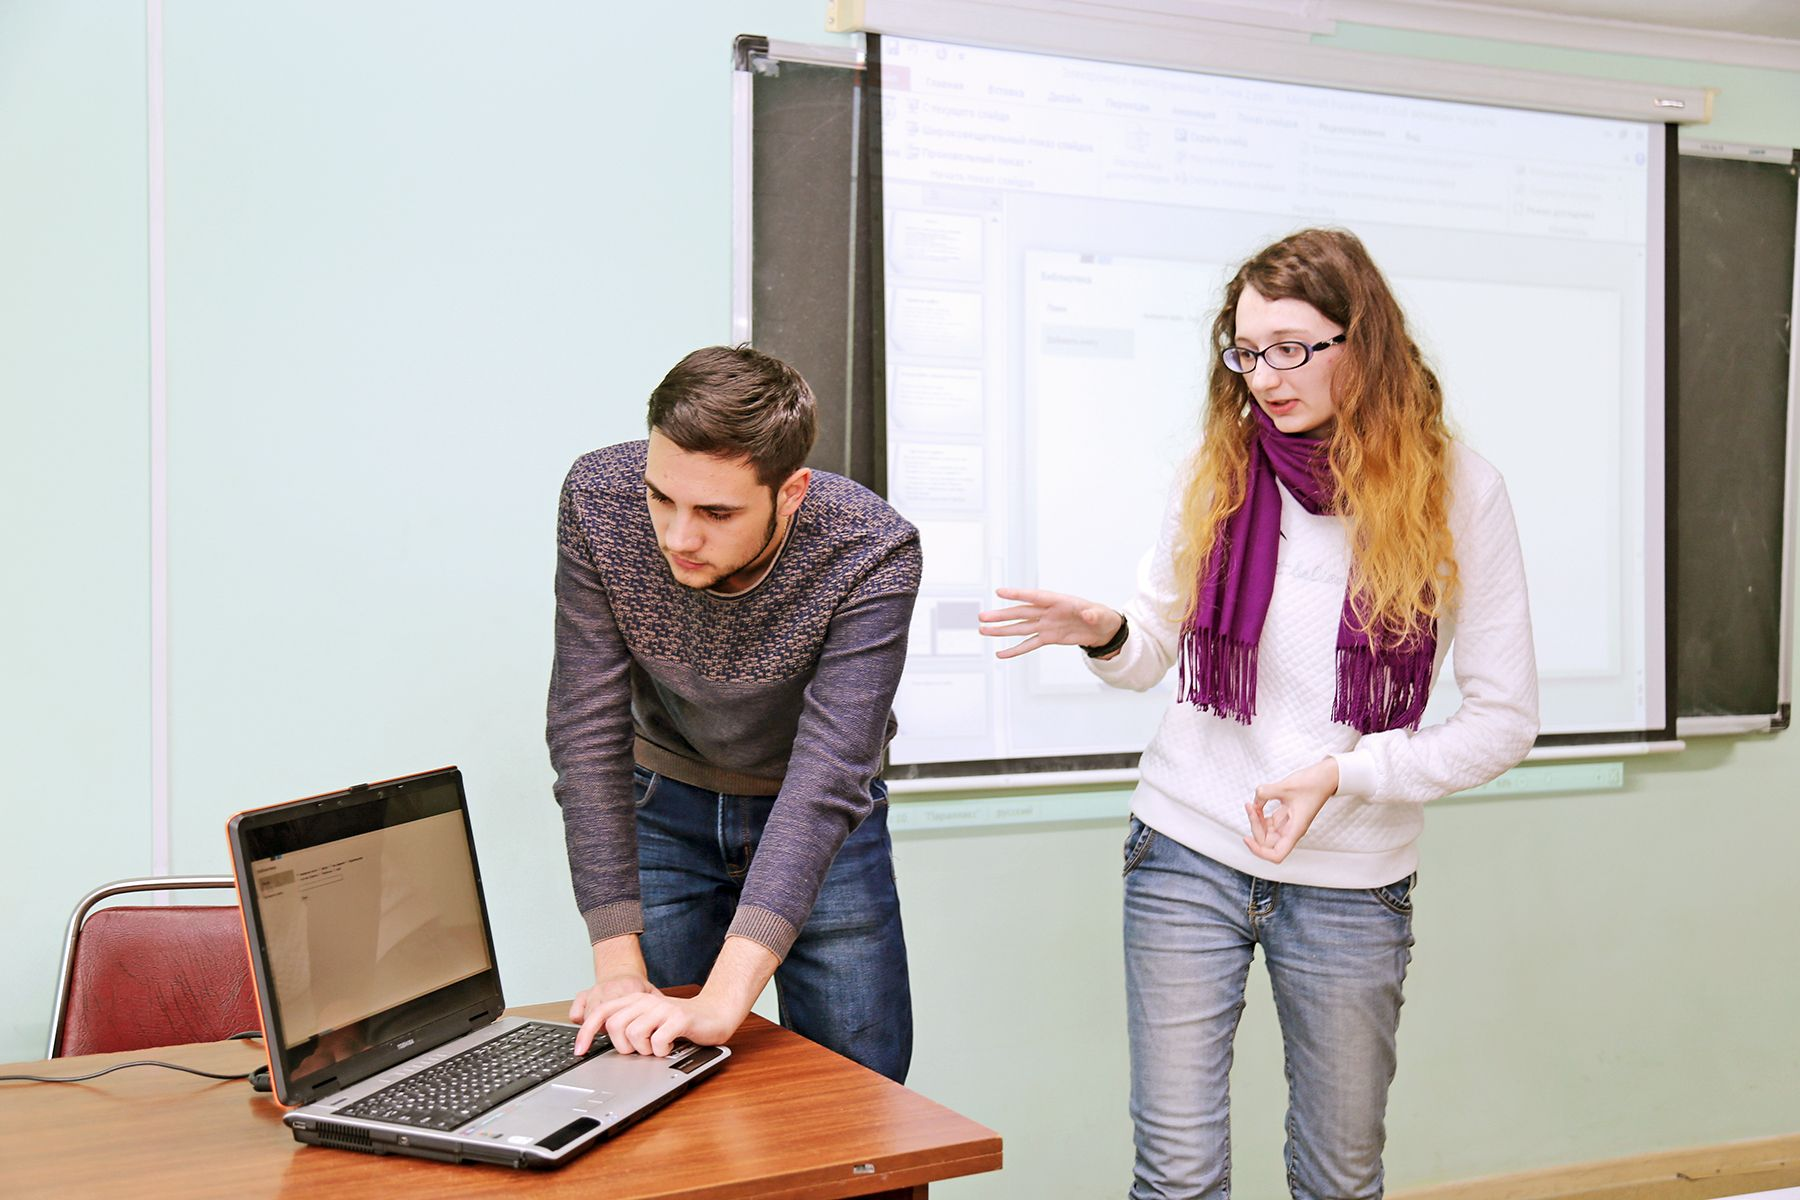 Электронное книгохранилище и нейросеть, распознающая лица: во ВГУЭС прошли защиты студенческих проектов